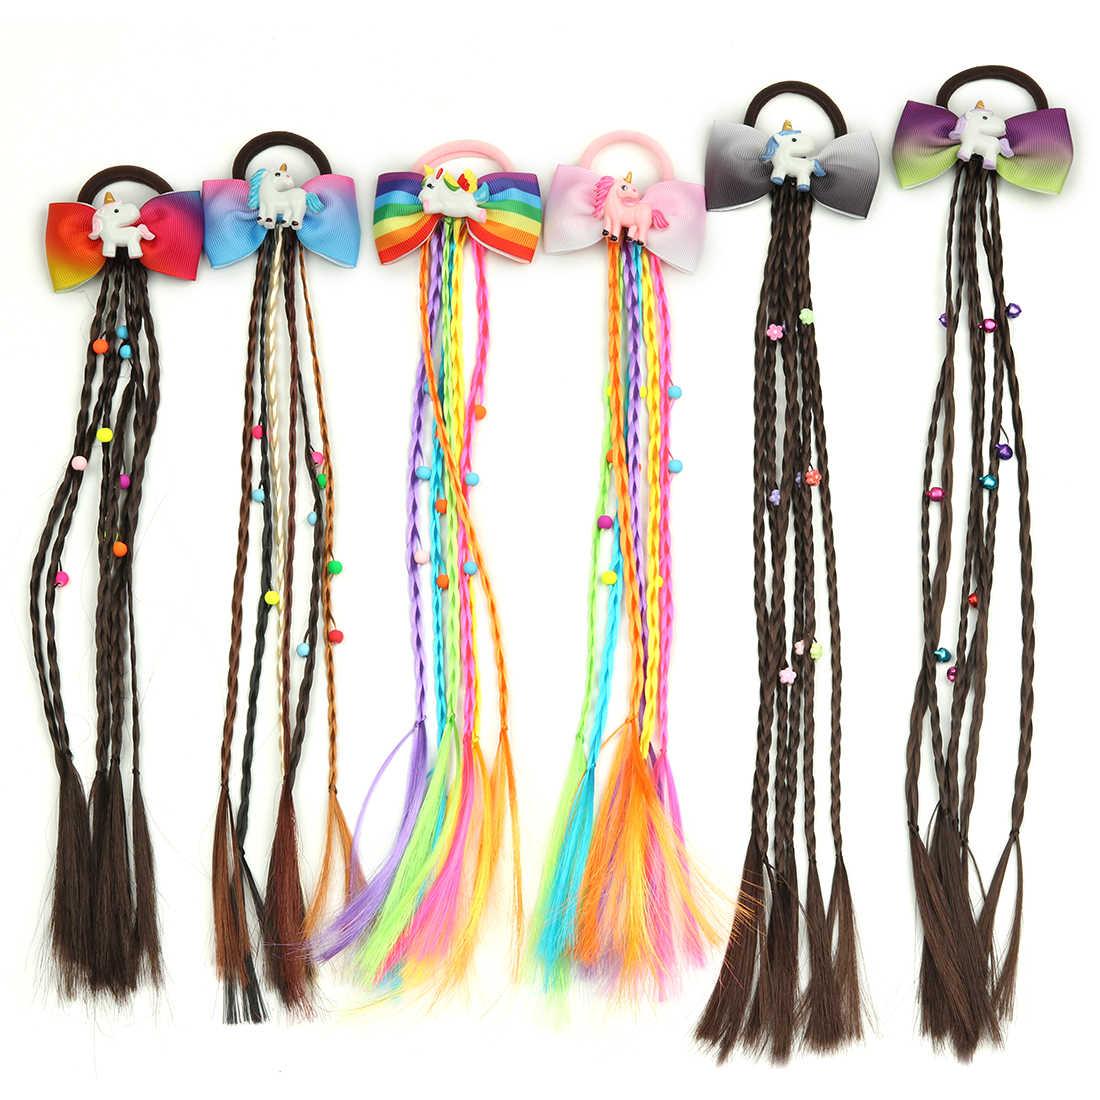 1 предмет, детская парик; резинка для волос, обтянутая тканью; полос Единорог радужные бантики дизайн для девочек косы волосы галстук витой «милое дитя», милая резинка ремешок